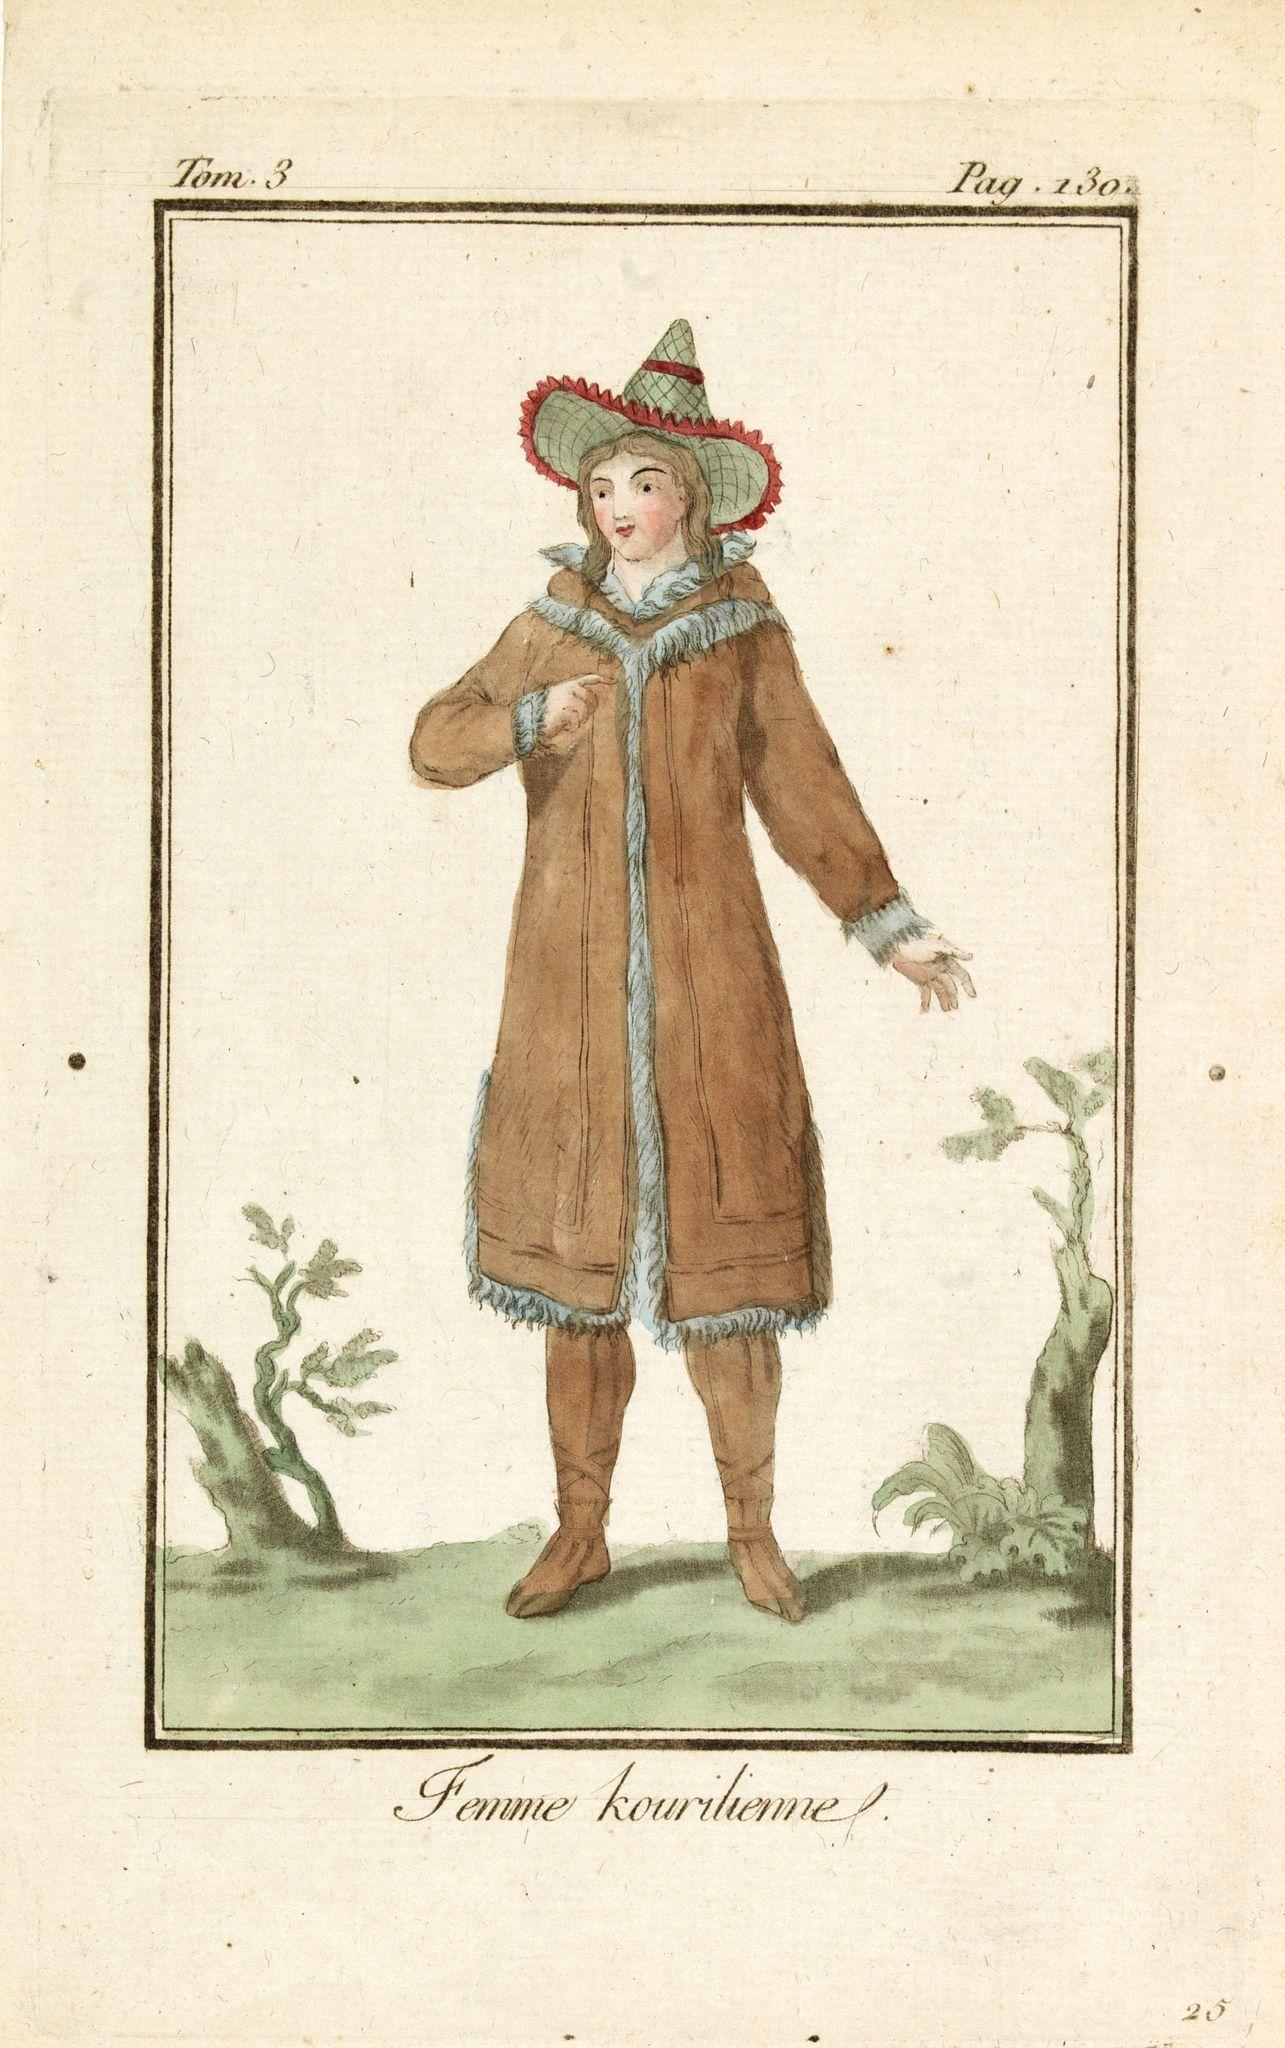 GRASSET DE SAINT SAUVEUR, J. -  Femme Kourilienne.